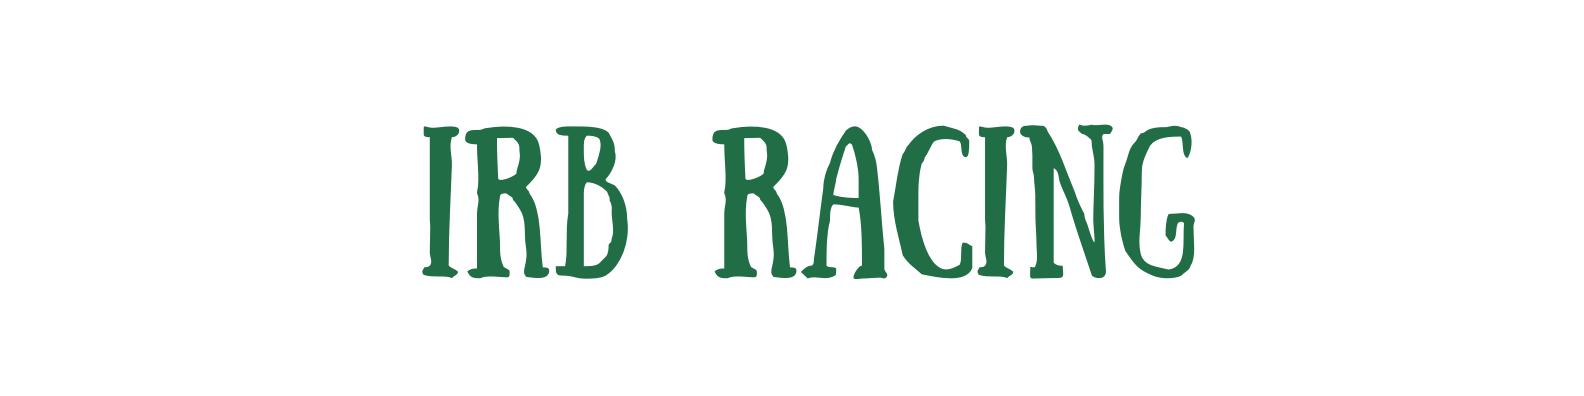 Green and Cream Brushstroke Assistant Professor LinkedIn Banner (28)